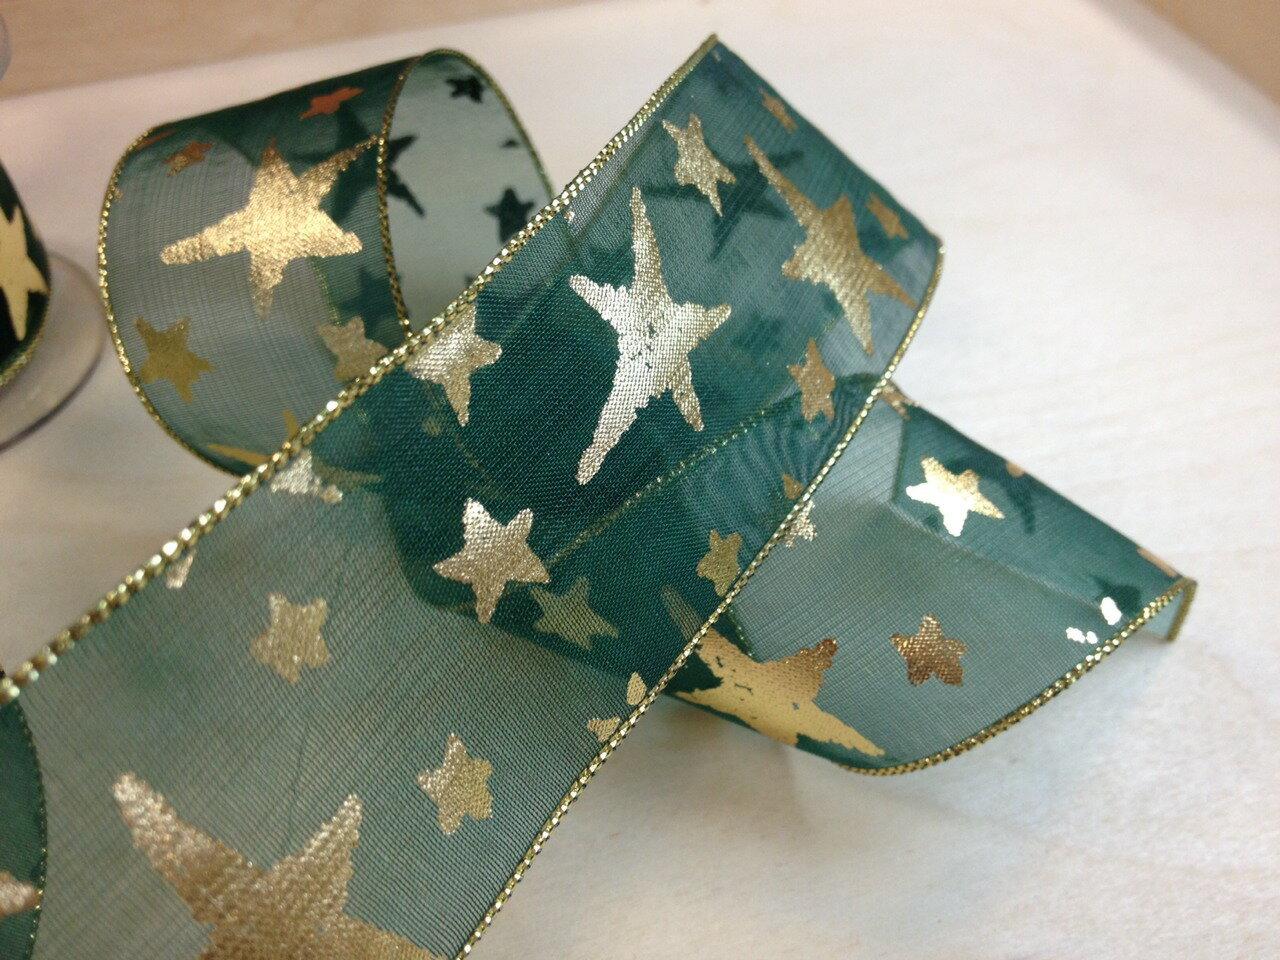 網紗緞帶-聖誕彩色星星 38mm 3碼裝 (5色) 3